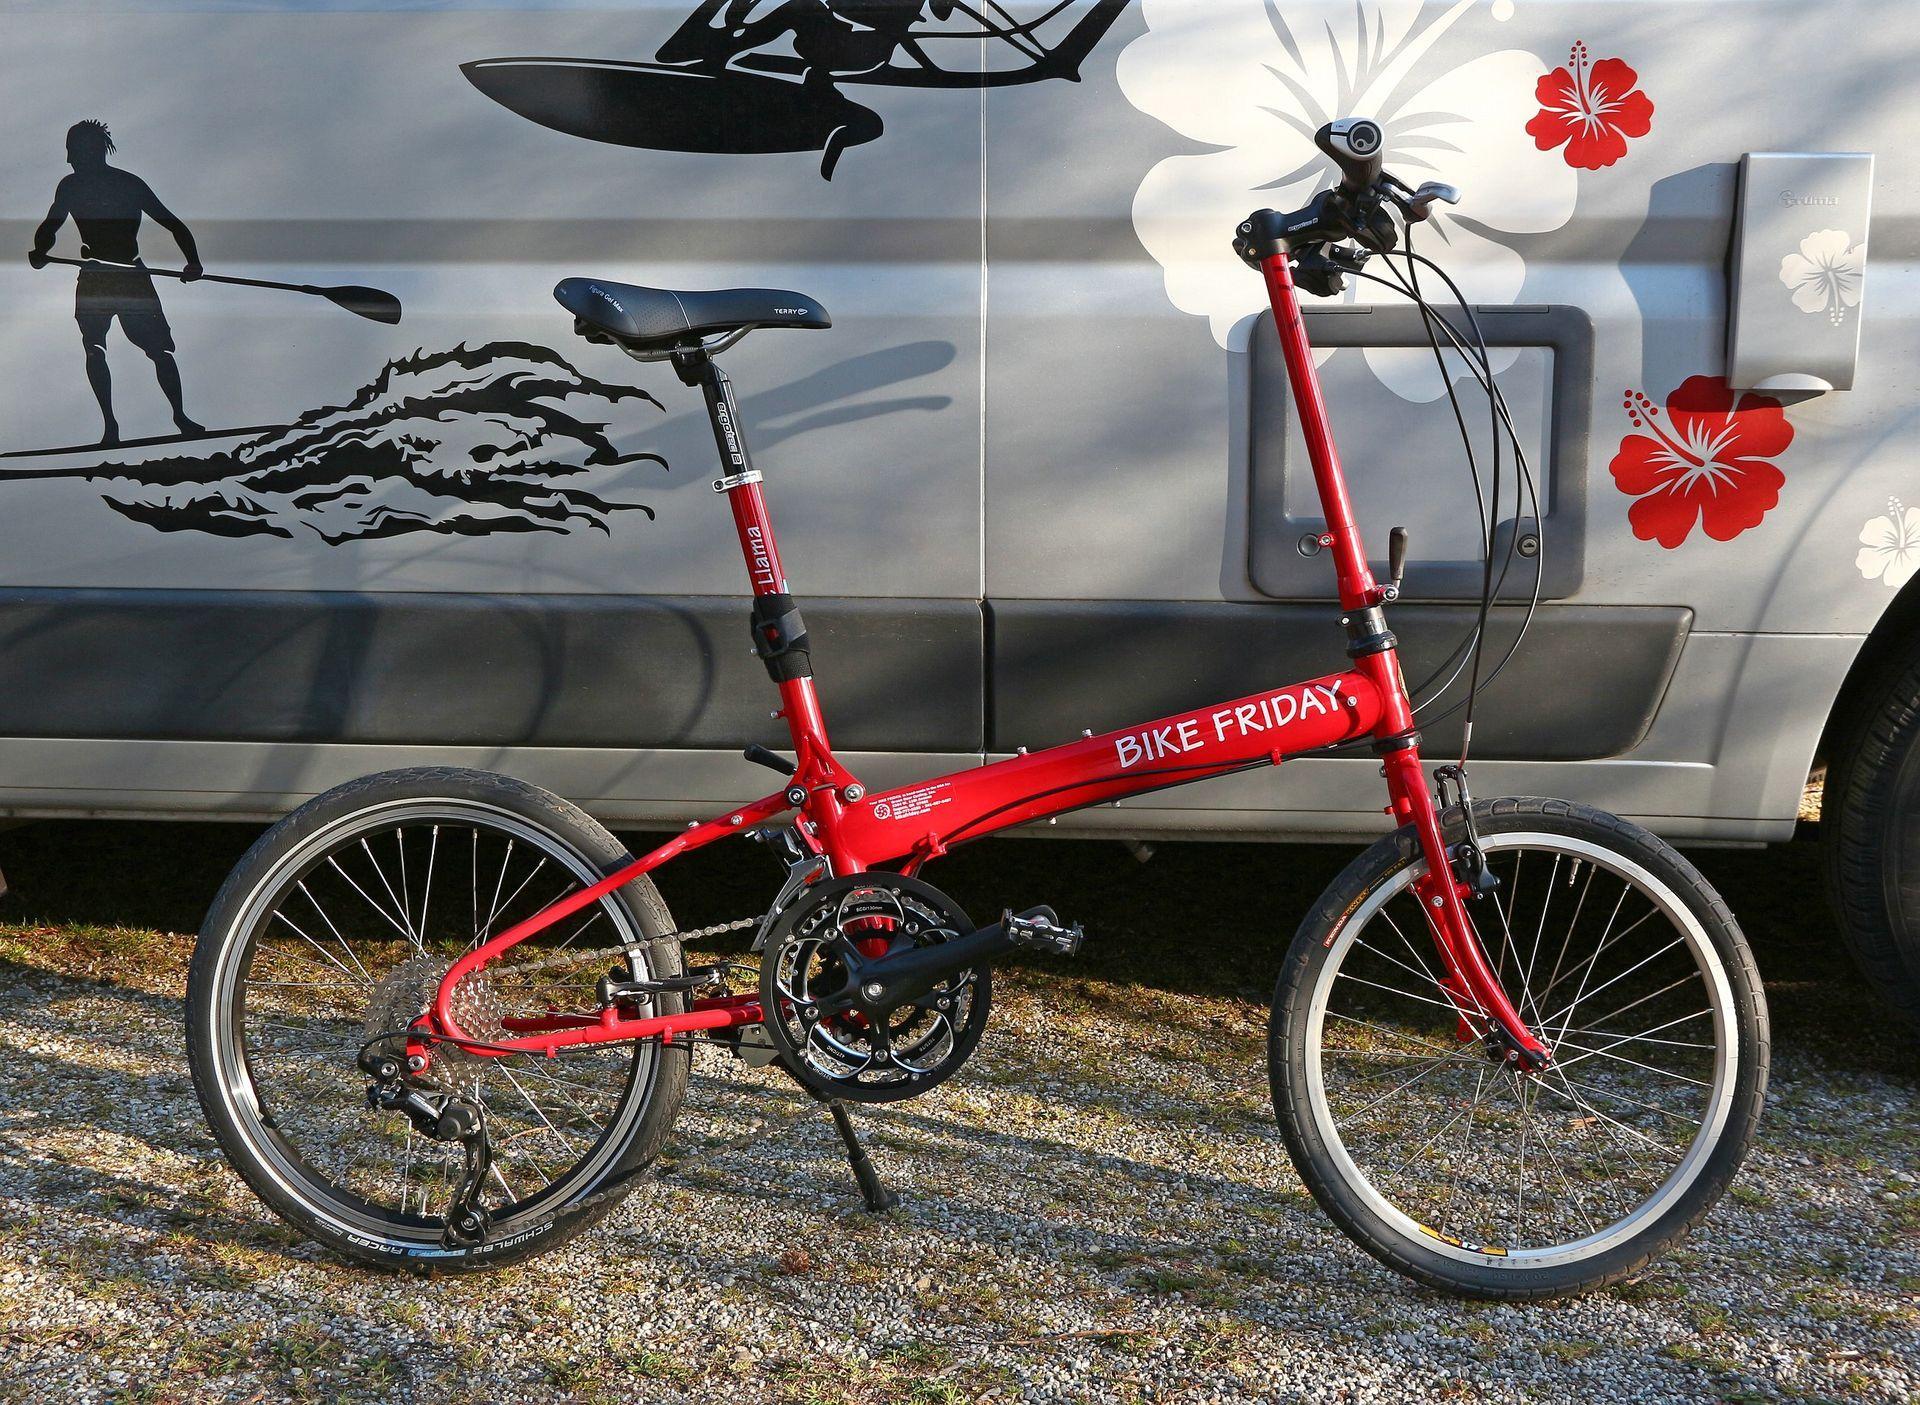 bikefriday_Friday_Llama_3x10